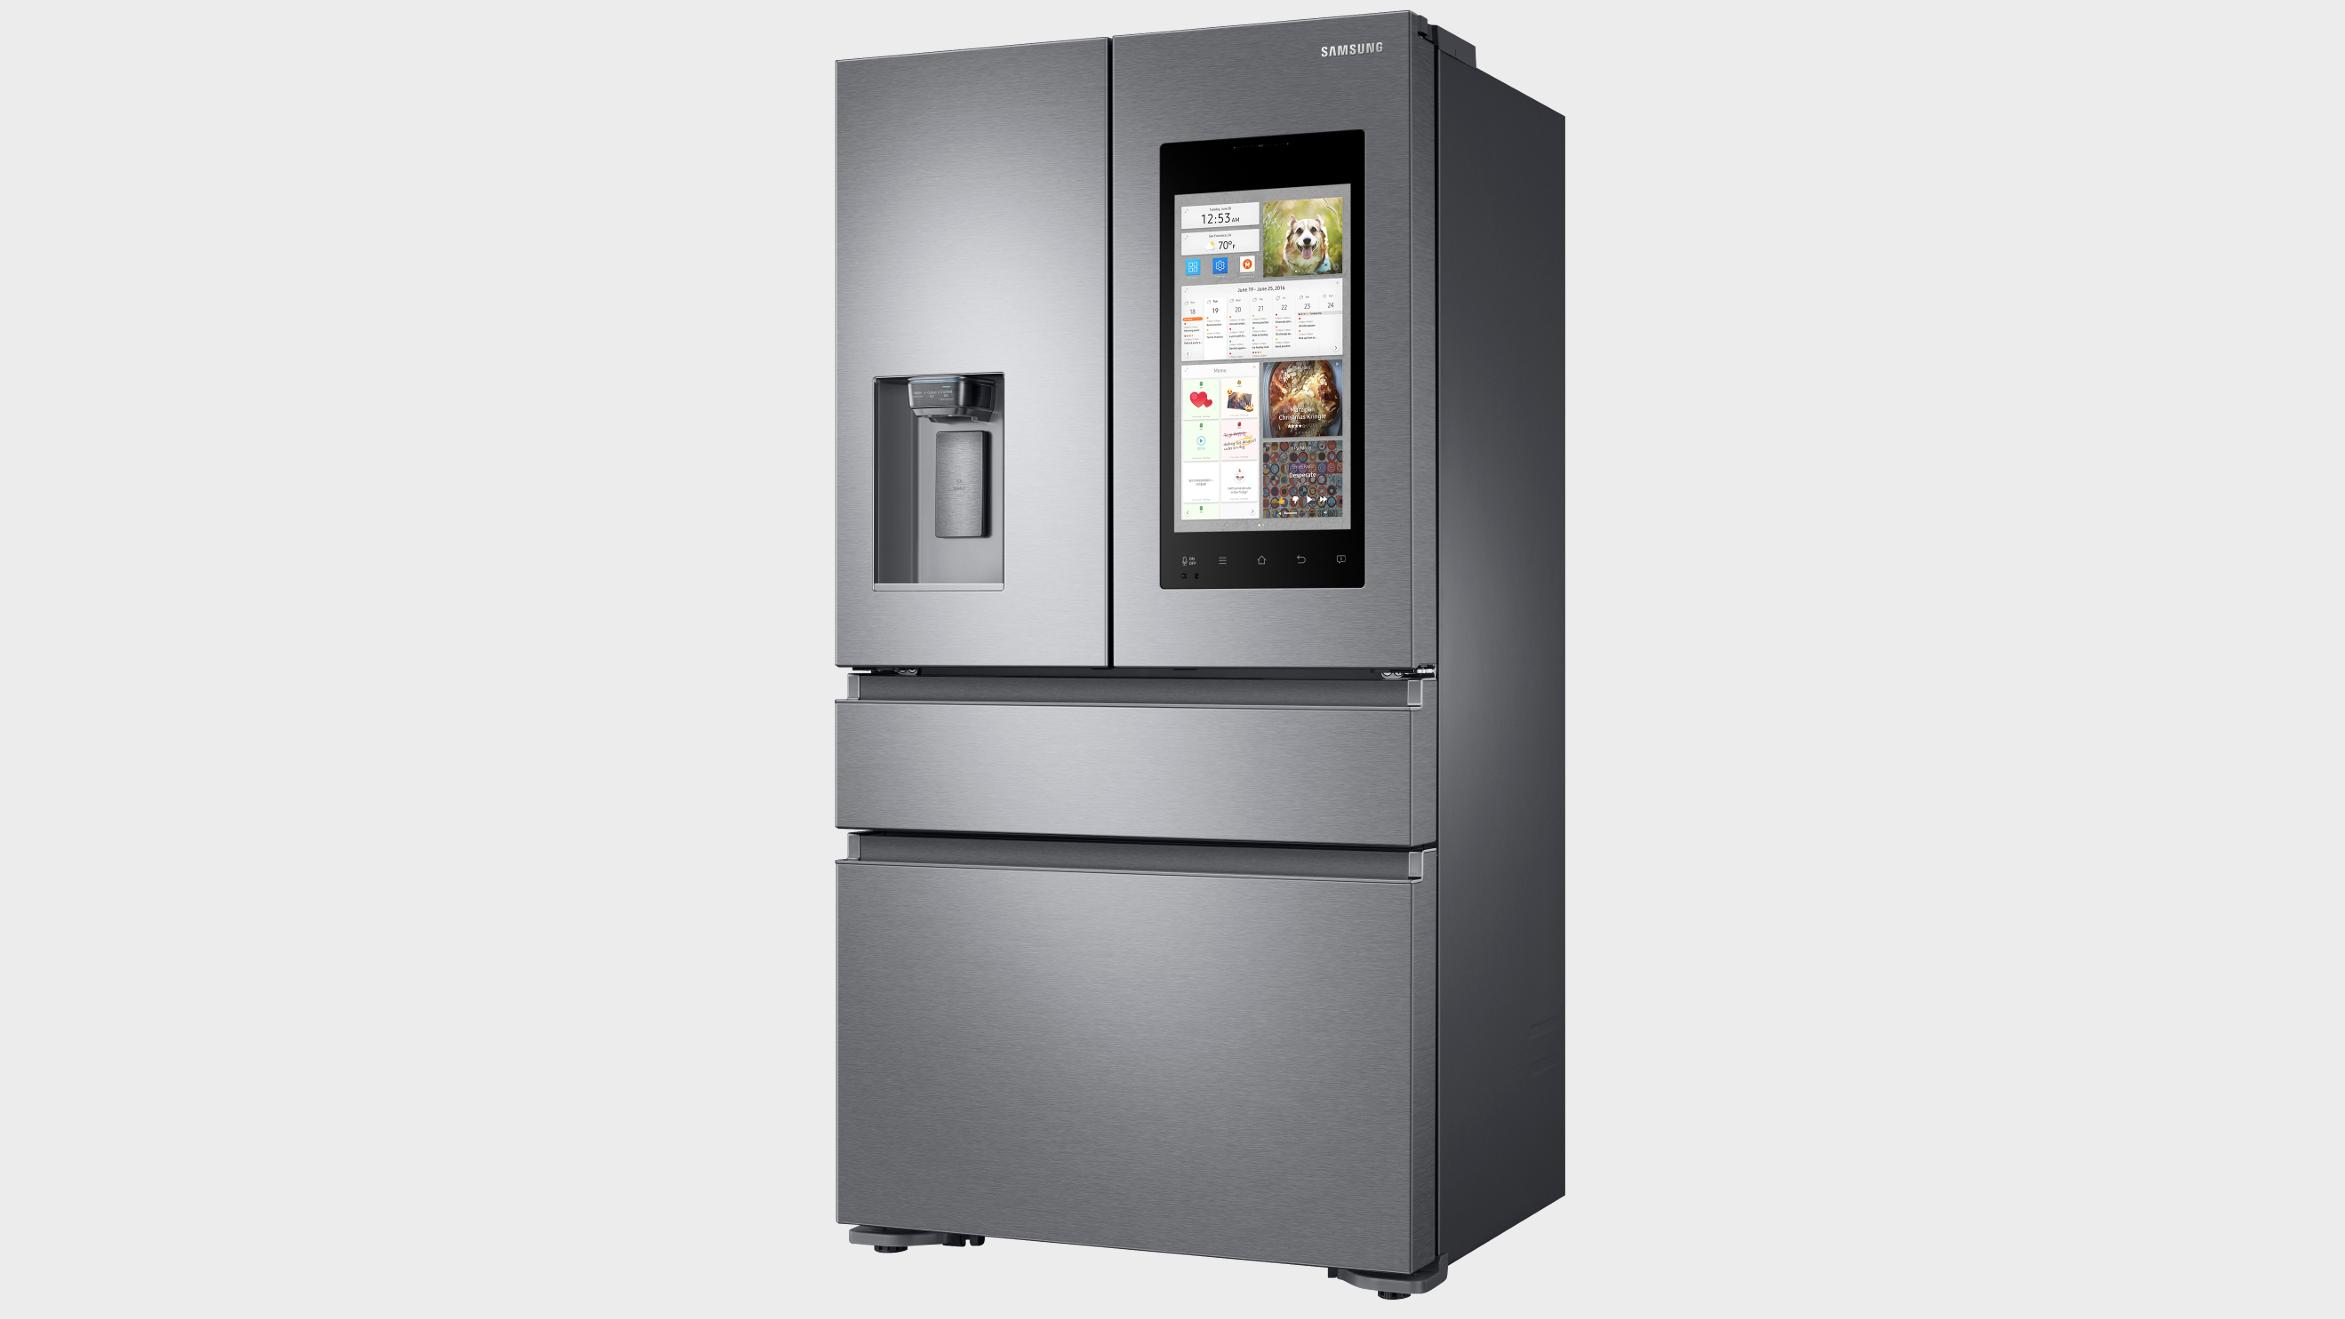 Samsung lanserer nye smartkjøleskap med digre berøringsskjermer